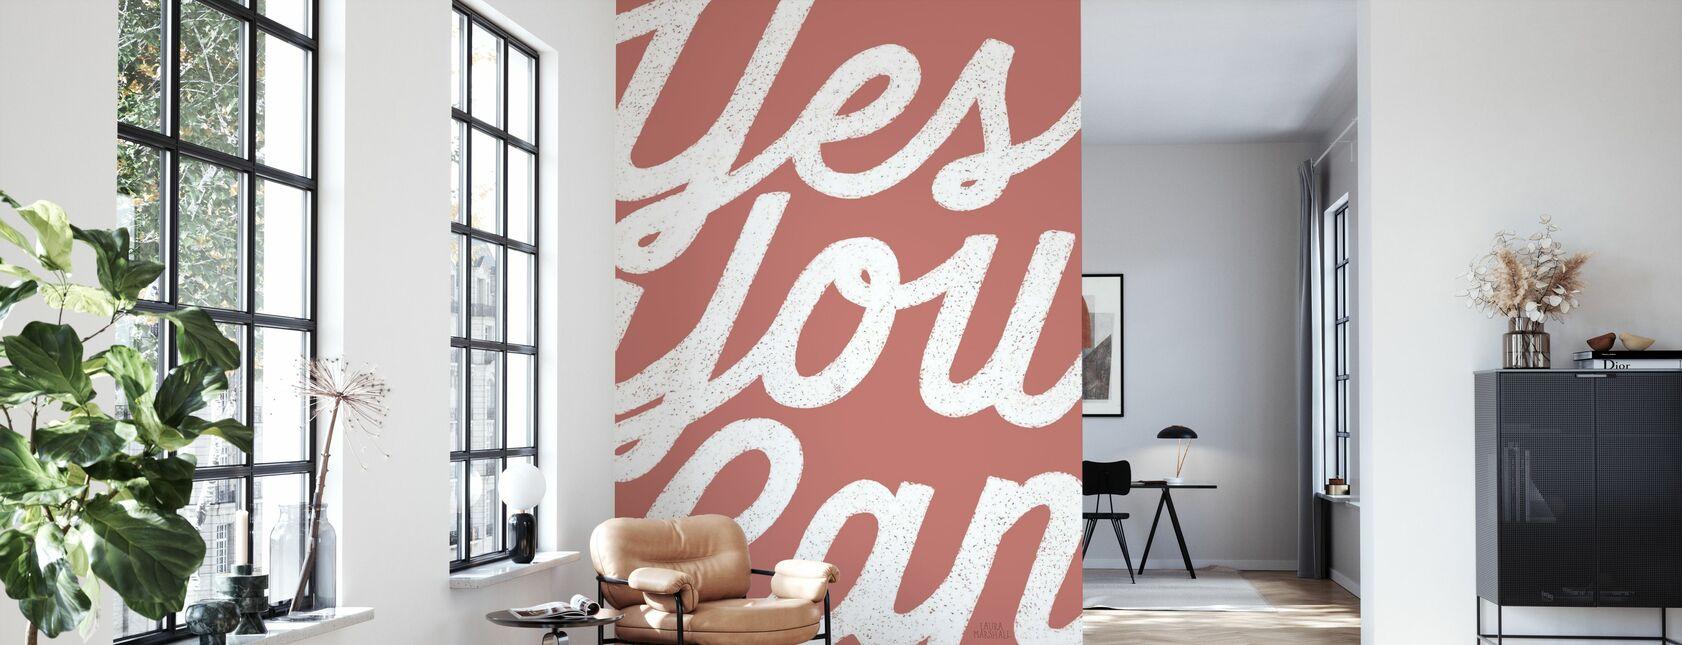 Positivity - Wallpaper - Living Room